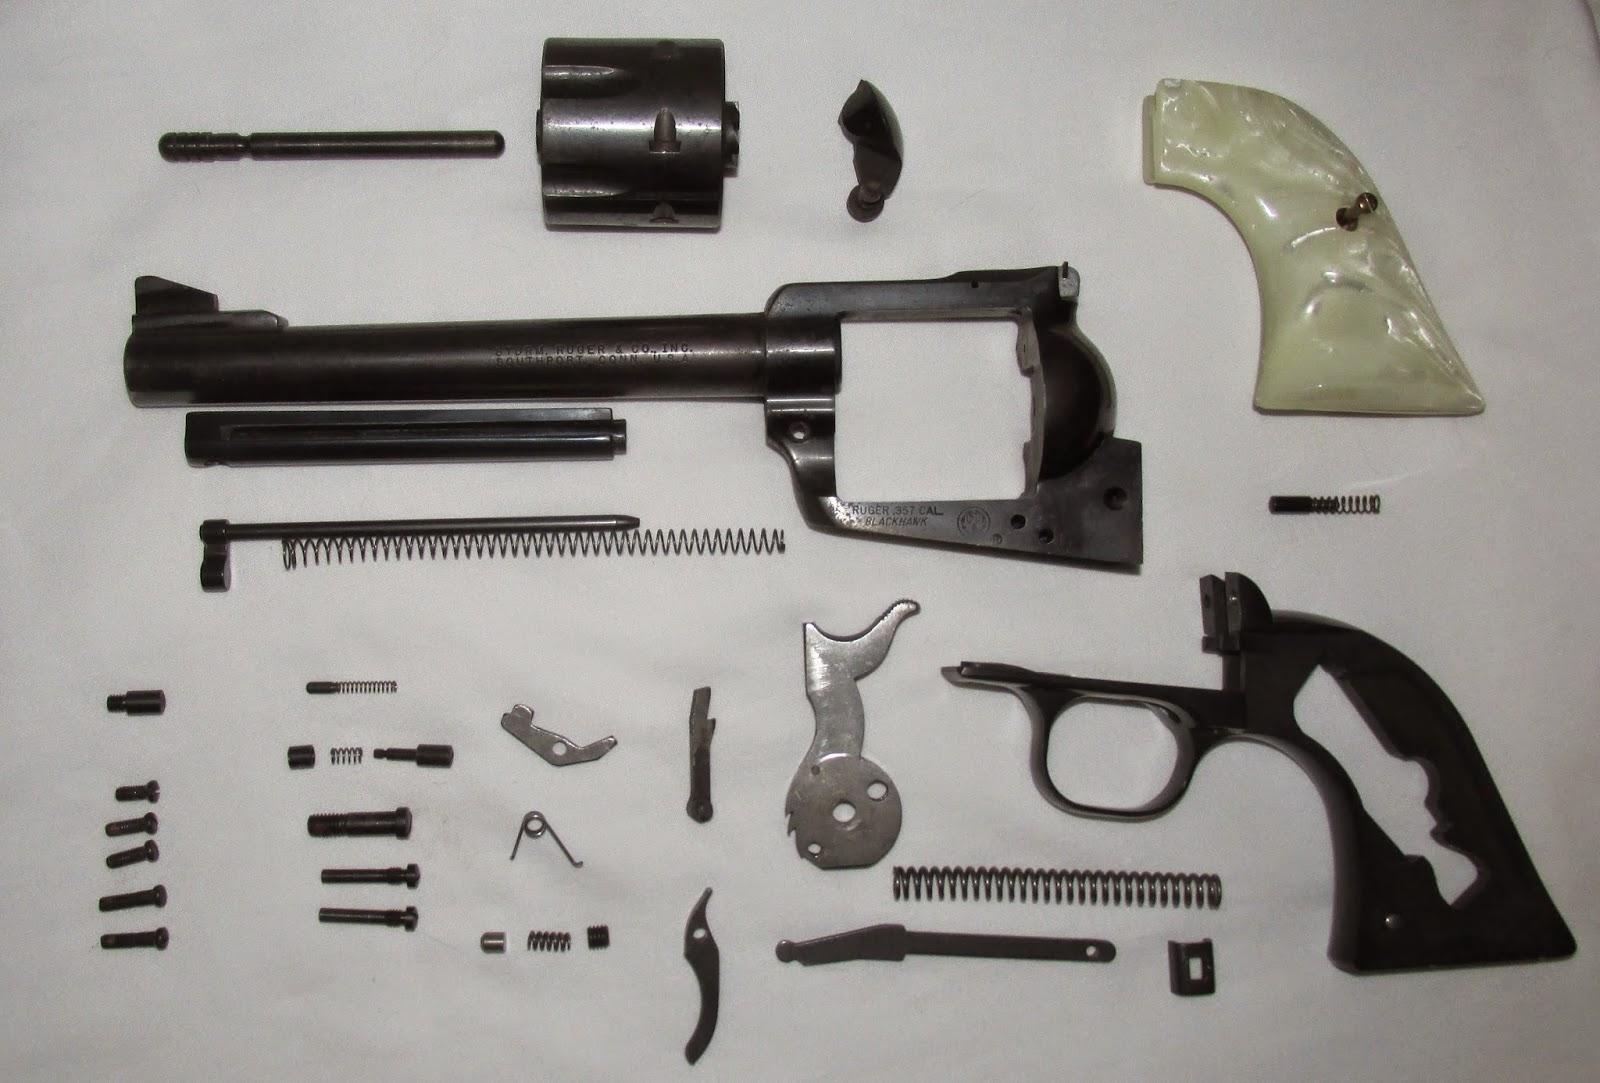 ruger pistol parts diagram trailer hitch wiring 5 pin tincanbandit 39s gunsmithing blackhawk